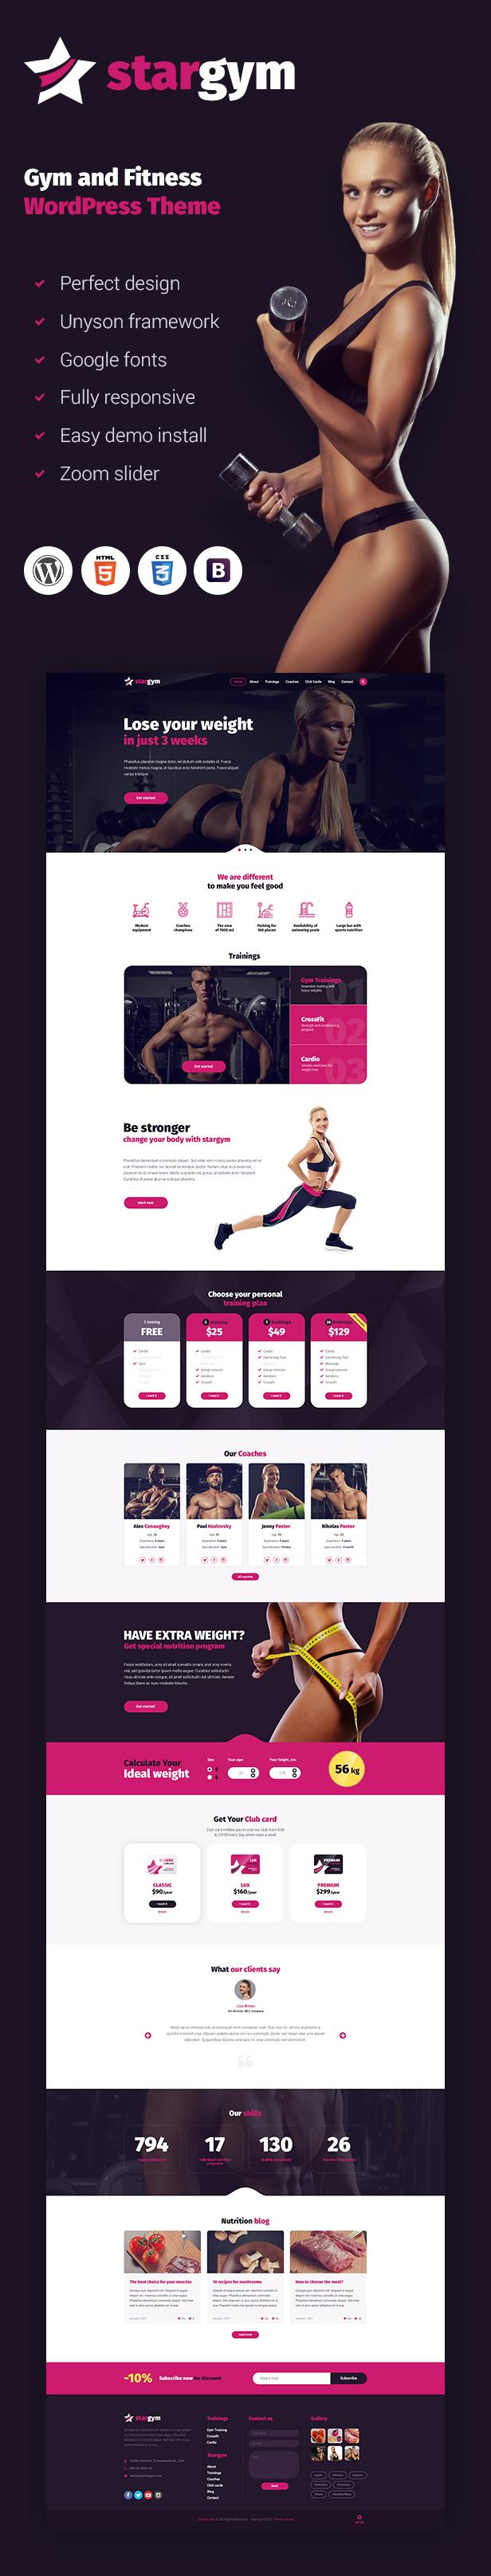 Stargym - Gym Trainer, Fitness Club und Gym WordPress Theme - 1